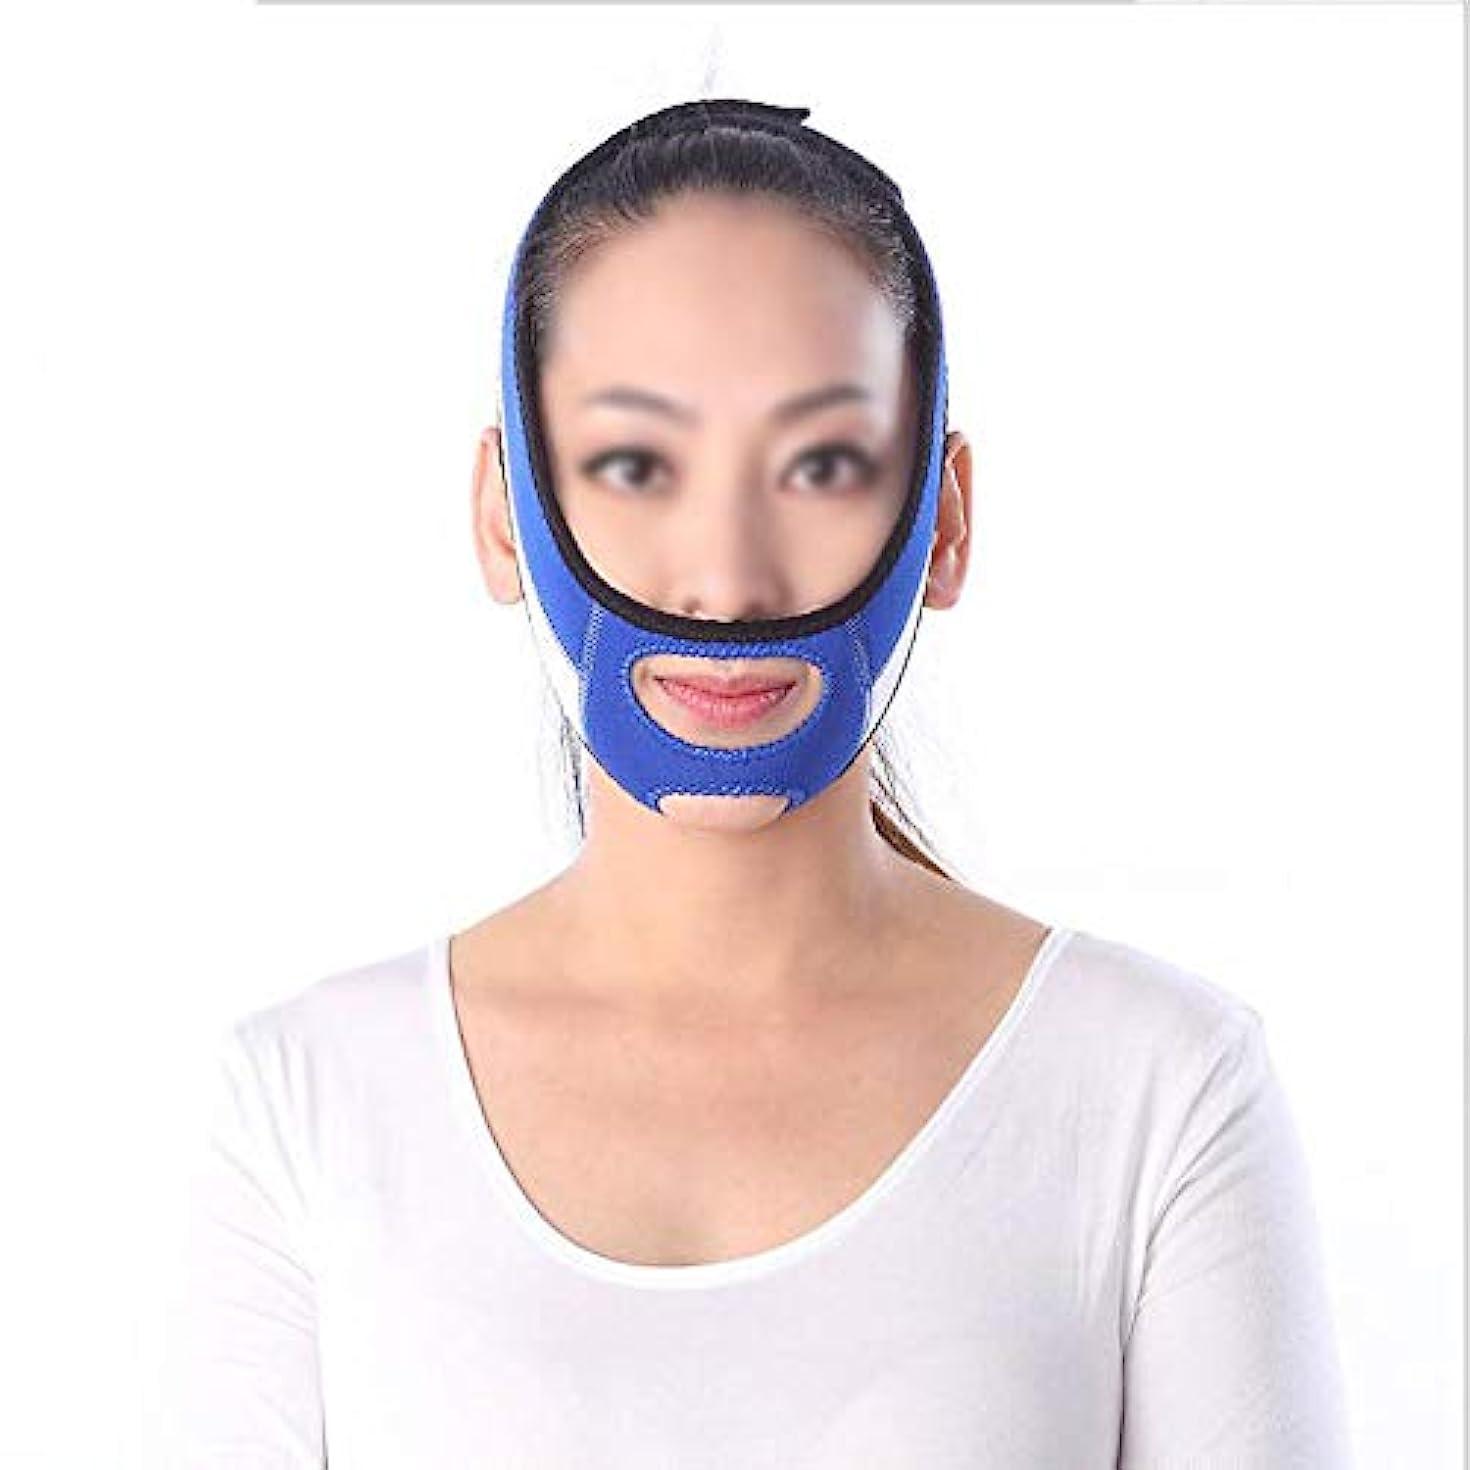 ベールガス不可能なXHLMRMJ フェイスリフティングマスク、リフティング則パターン包帯ライン彫刻修復ツールフェイスリフティングアーティファクト引き締め肌小さなvフェイスバンド